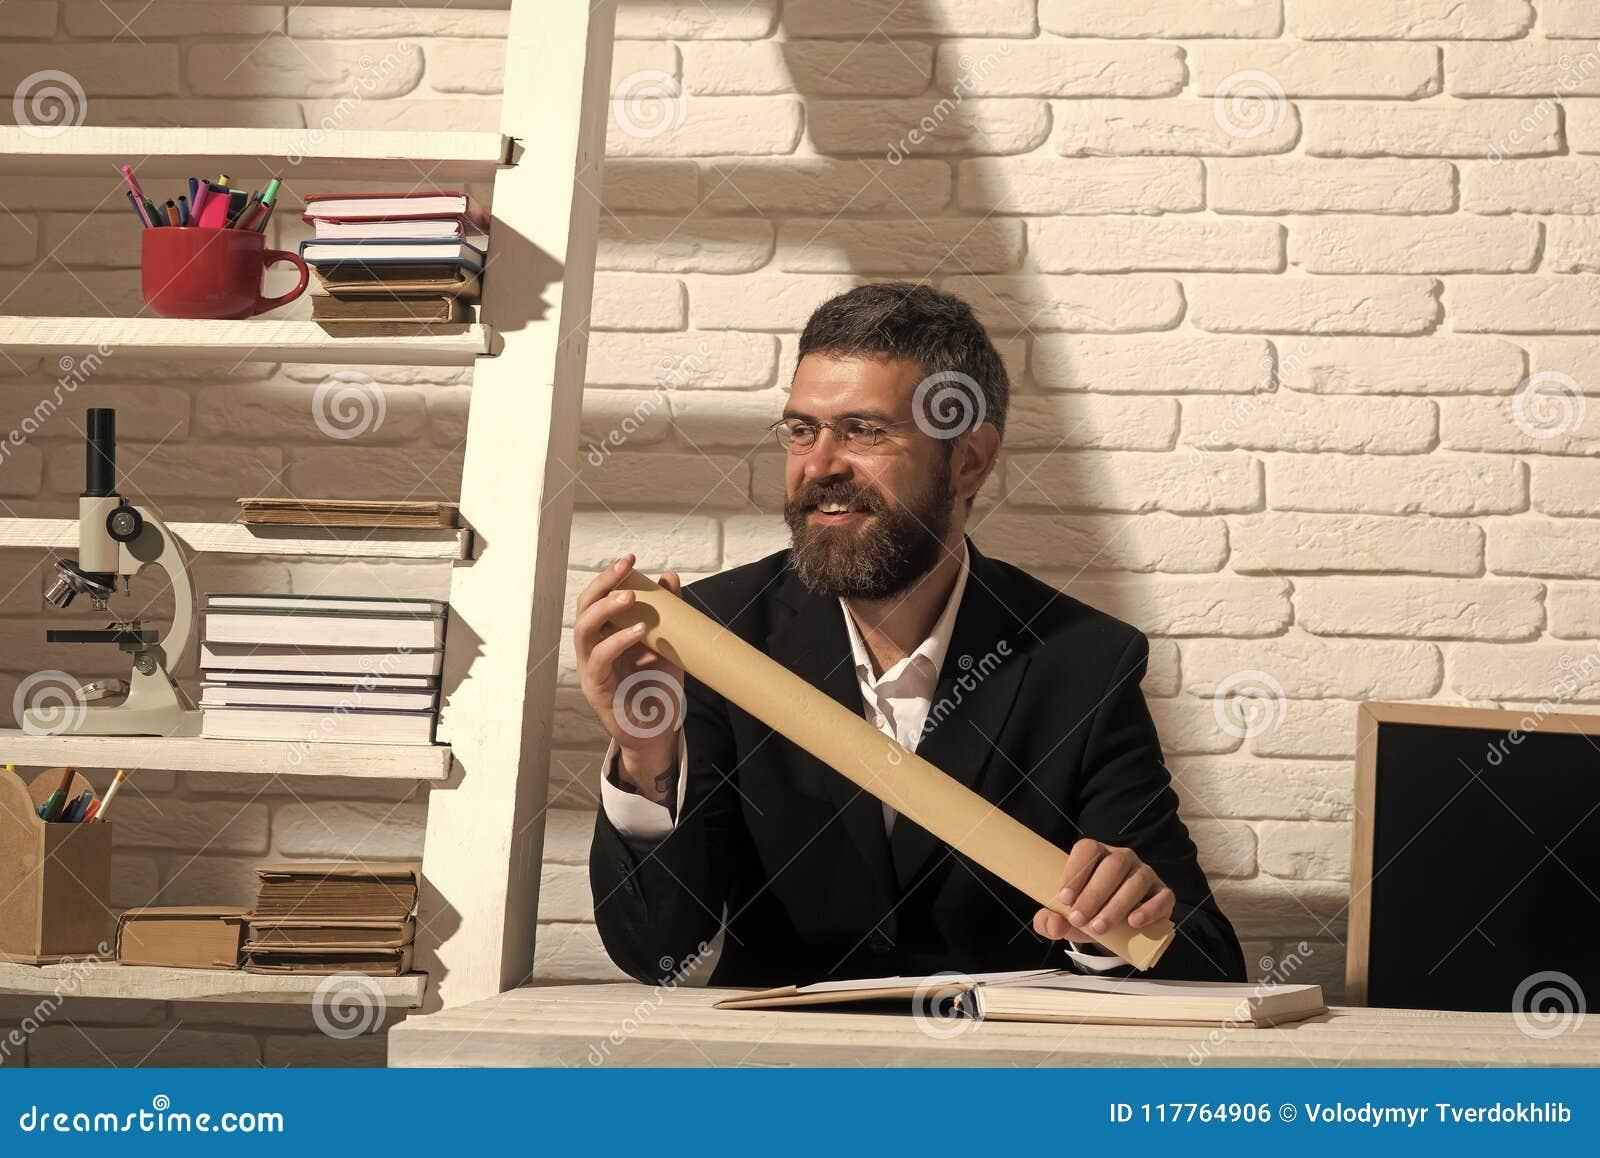 Klassiskt utbildnings- och kunskapsbegrepp uppsöka mannen